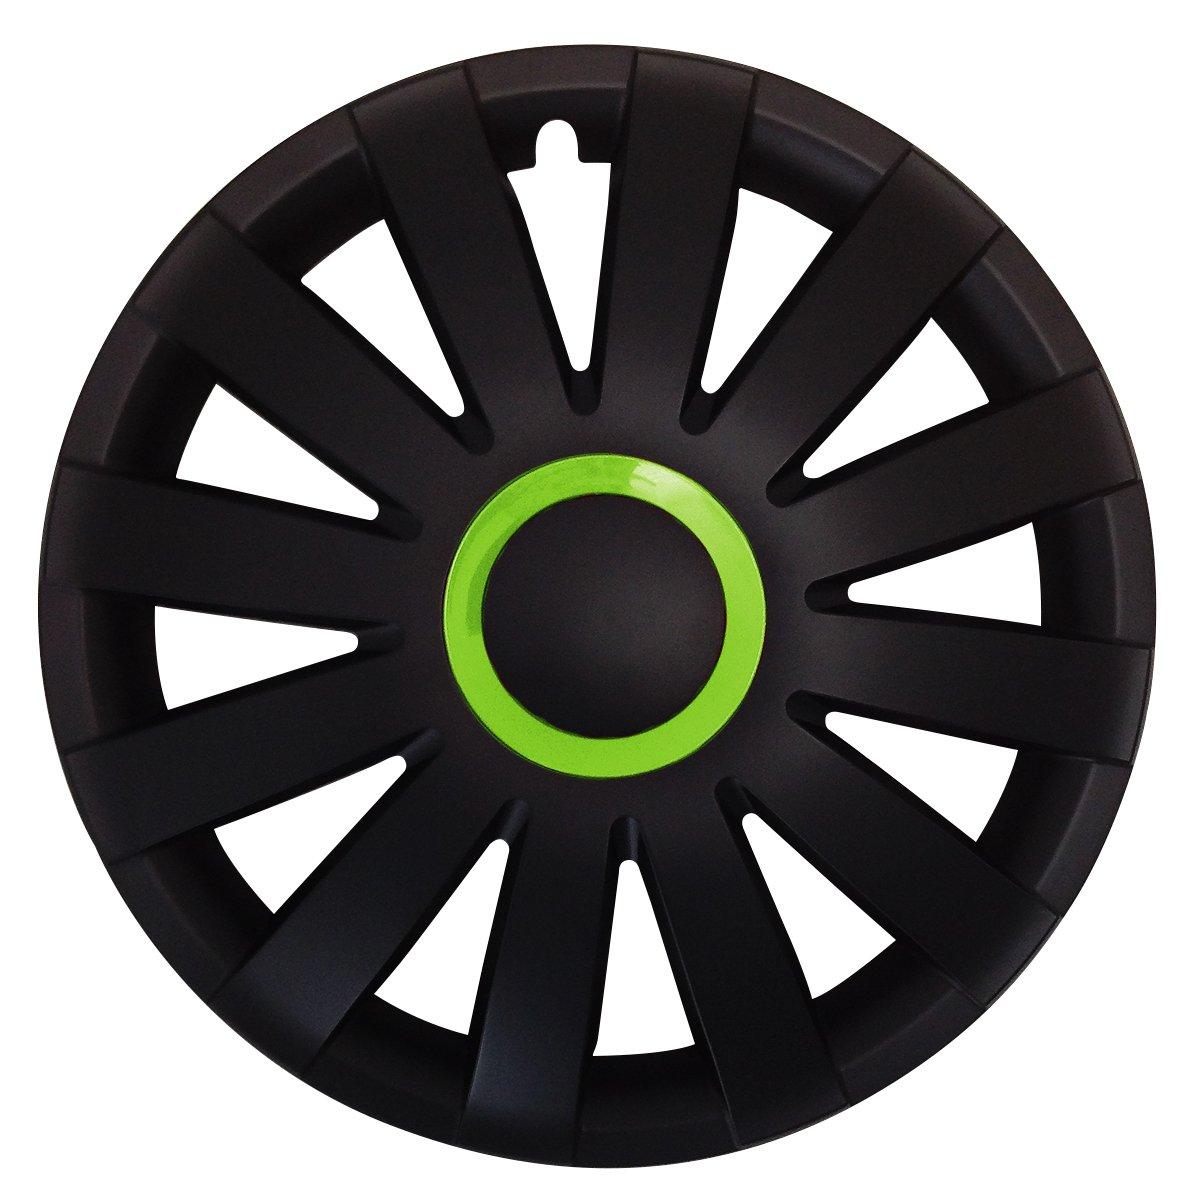 Tapacubos - Tapacubos Tapacubos Racing con anillo verde 14 pulgadas 14 R14 universal apto para casi todos los vehículos estándar con llantas de acero z.B. ...